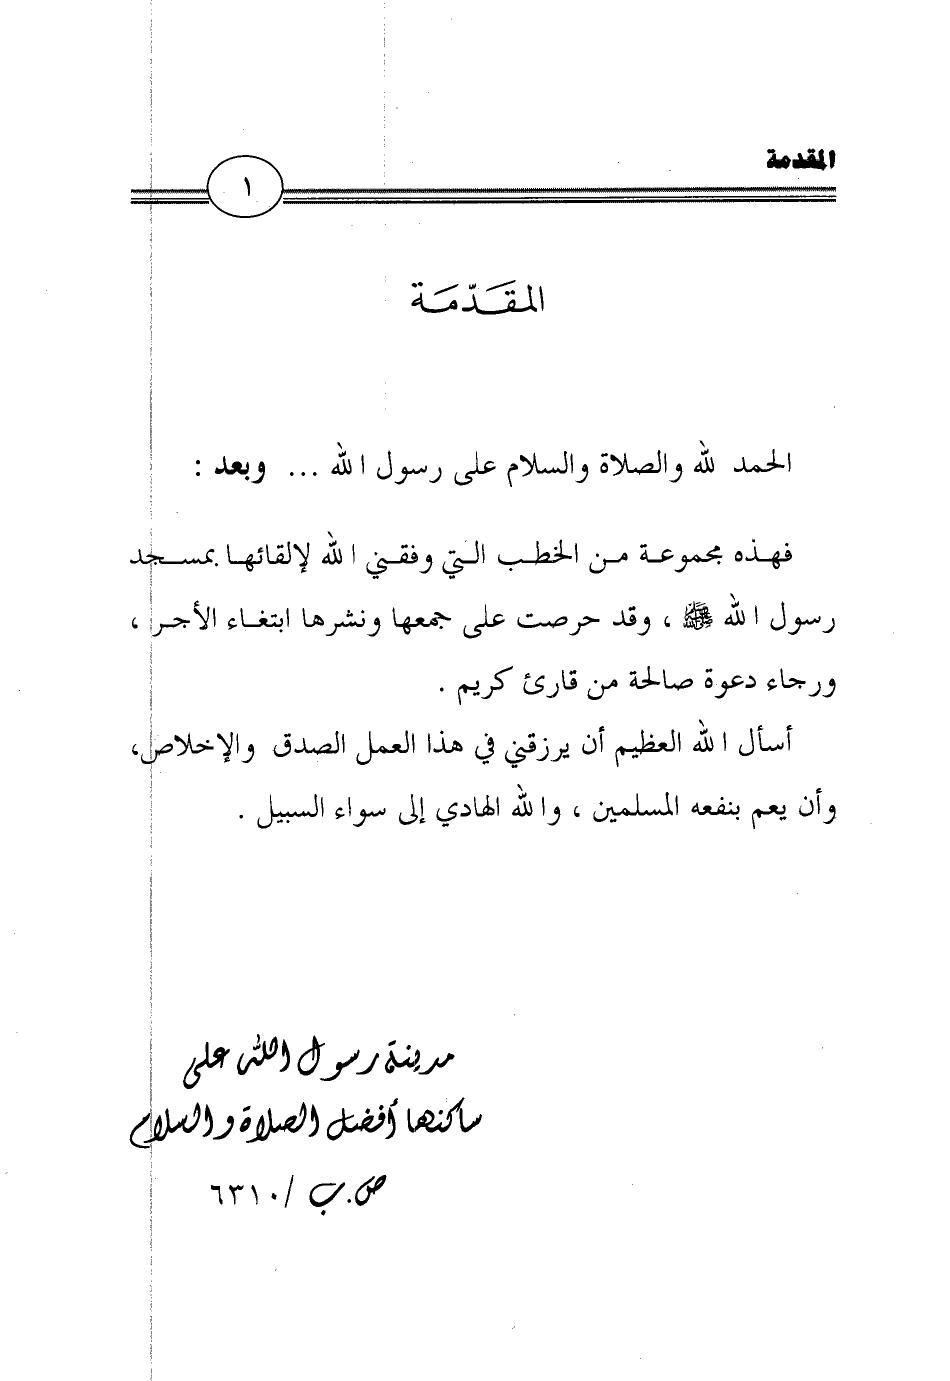 تحميل كتاب نفحات من منبر رسول الله صلى الله عليه وسلم ل عبد الباري بن عواض بن علي الثبيتي Pdf